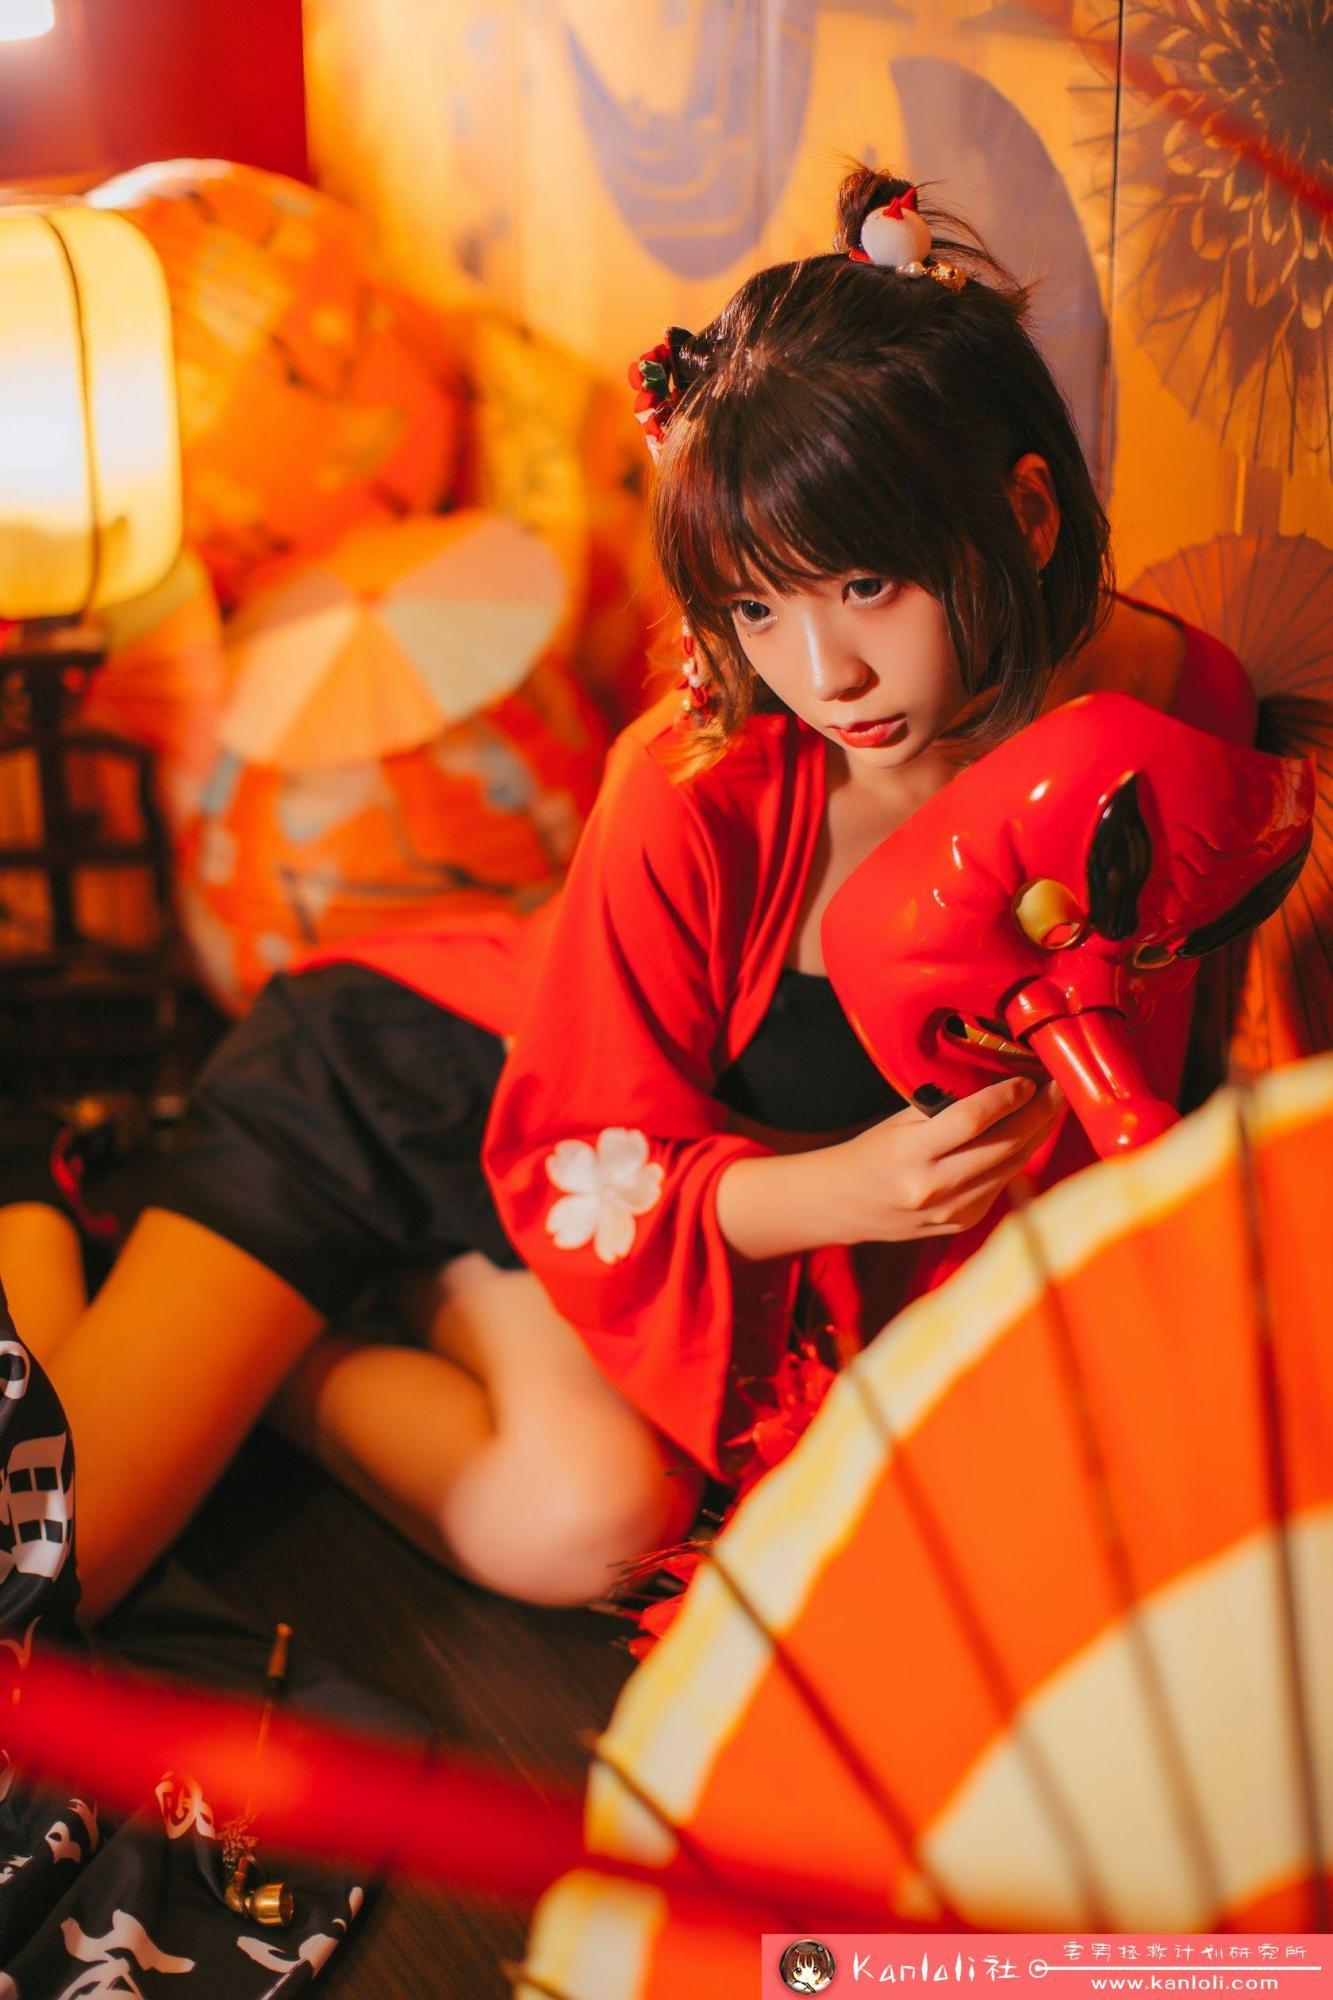 【疯猫ss】疯猫ss写真-FM-027 日风黑色抹胸 [10P]